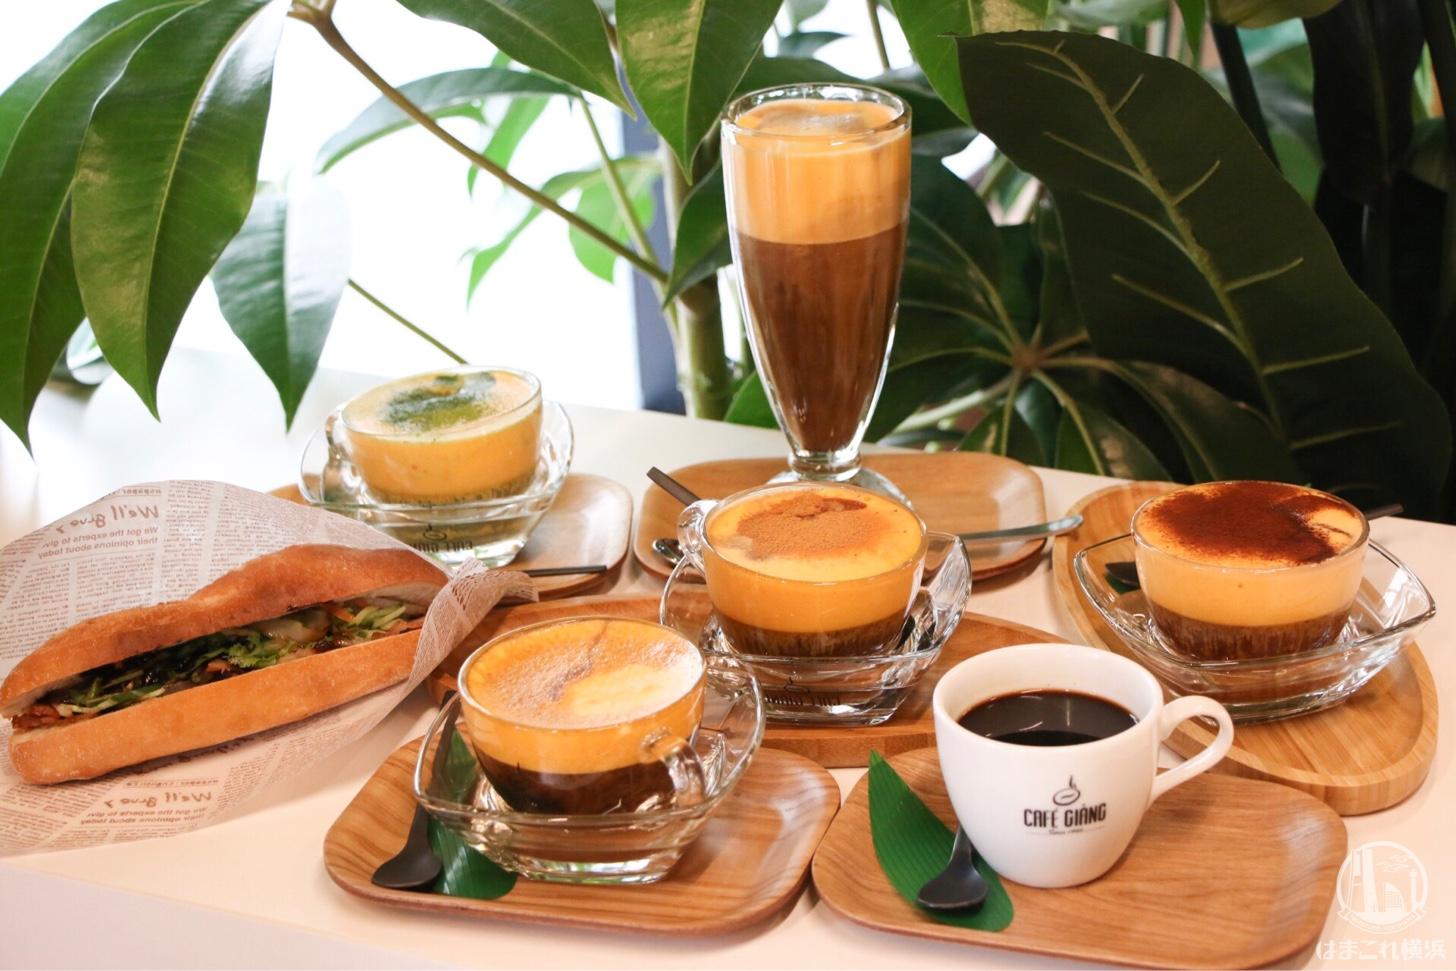 カフェ ジャン 横浜中華街のエッグコーヒーが話題!人気メニュー・内観・テイクアウト 現地レポ